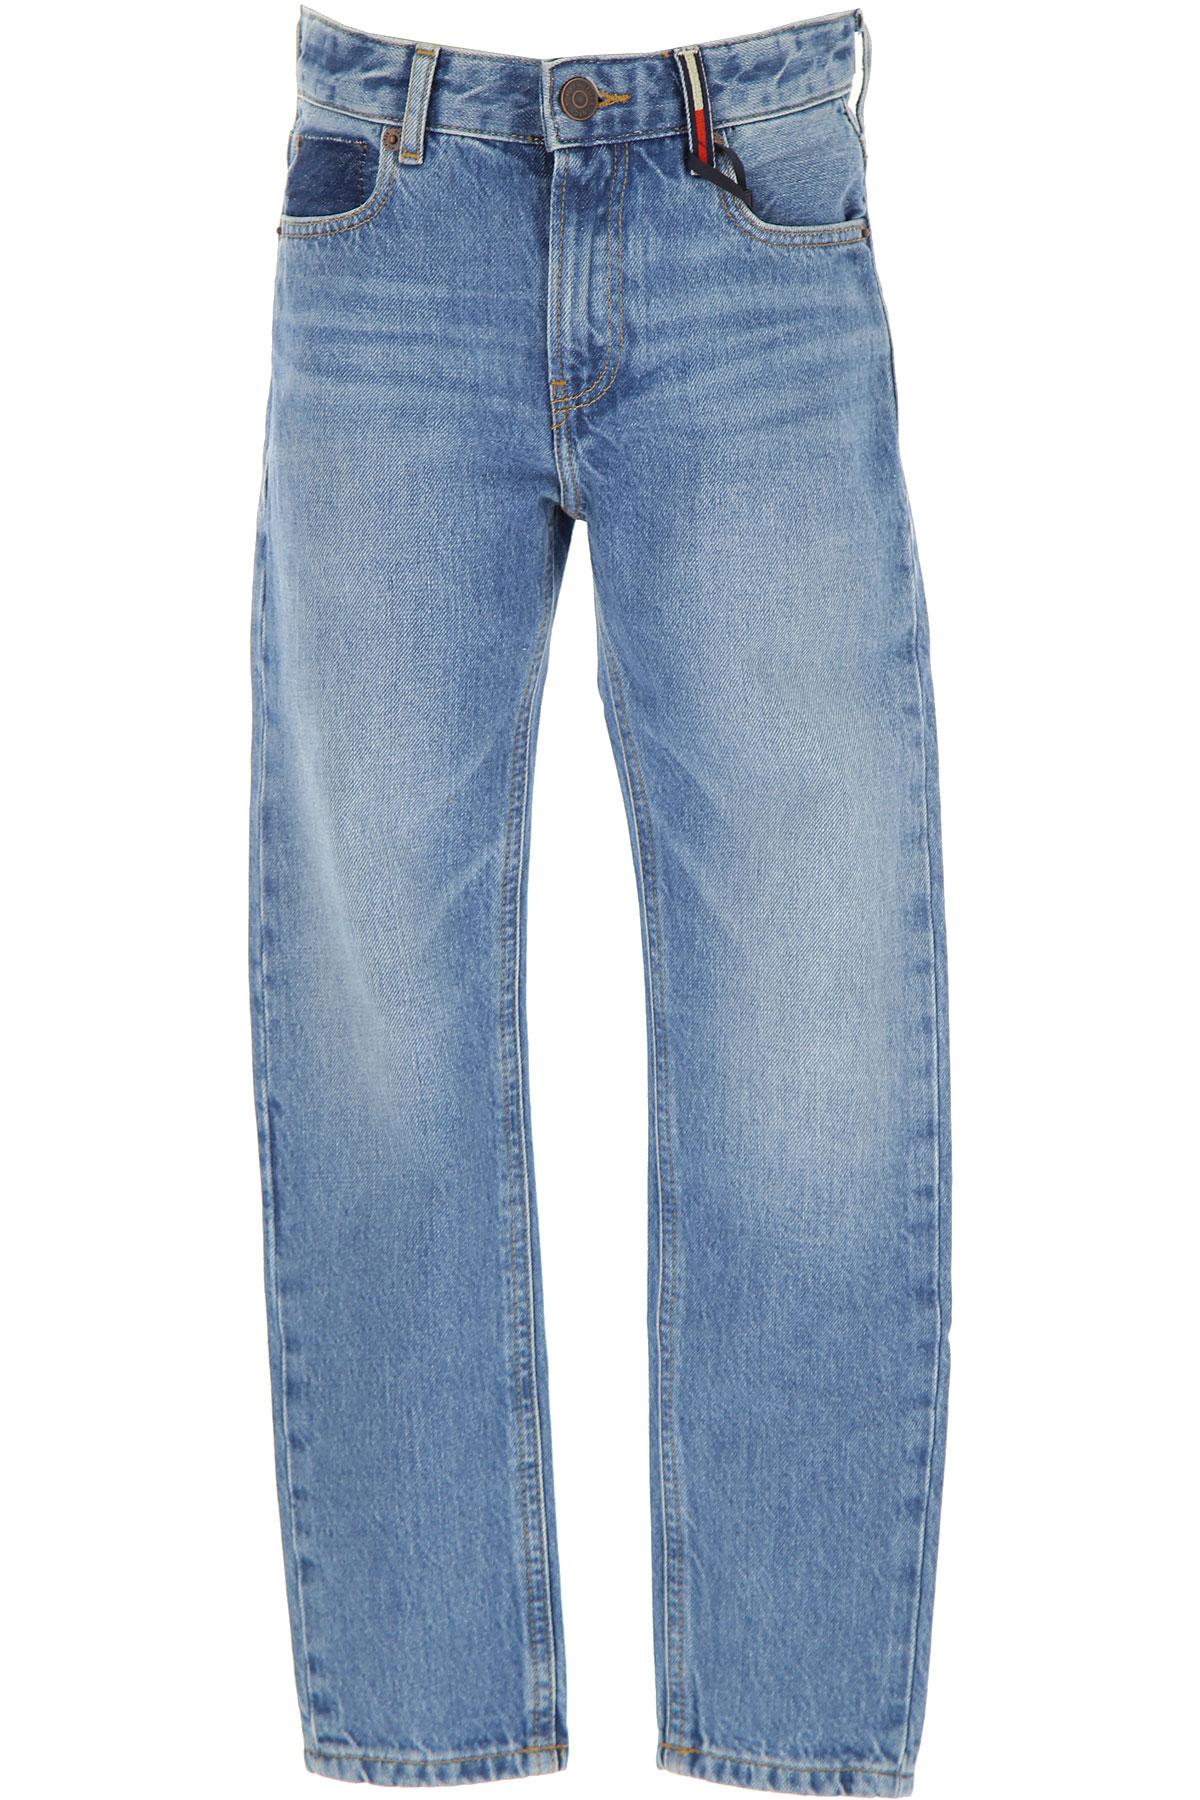 Tommy Hilfiger Kids Jeans for Boys On Sale, Denim Light Blue, Cotton, 2019, 10Y 14Y